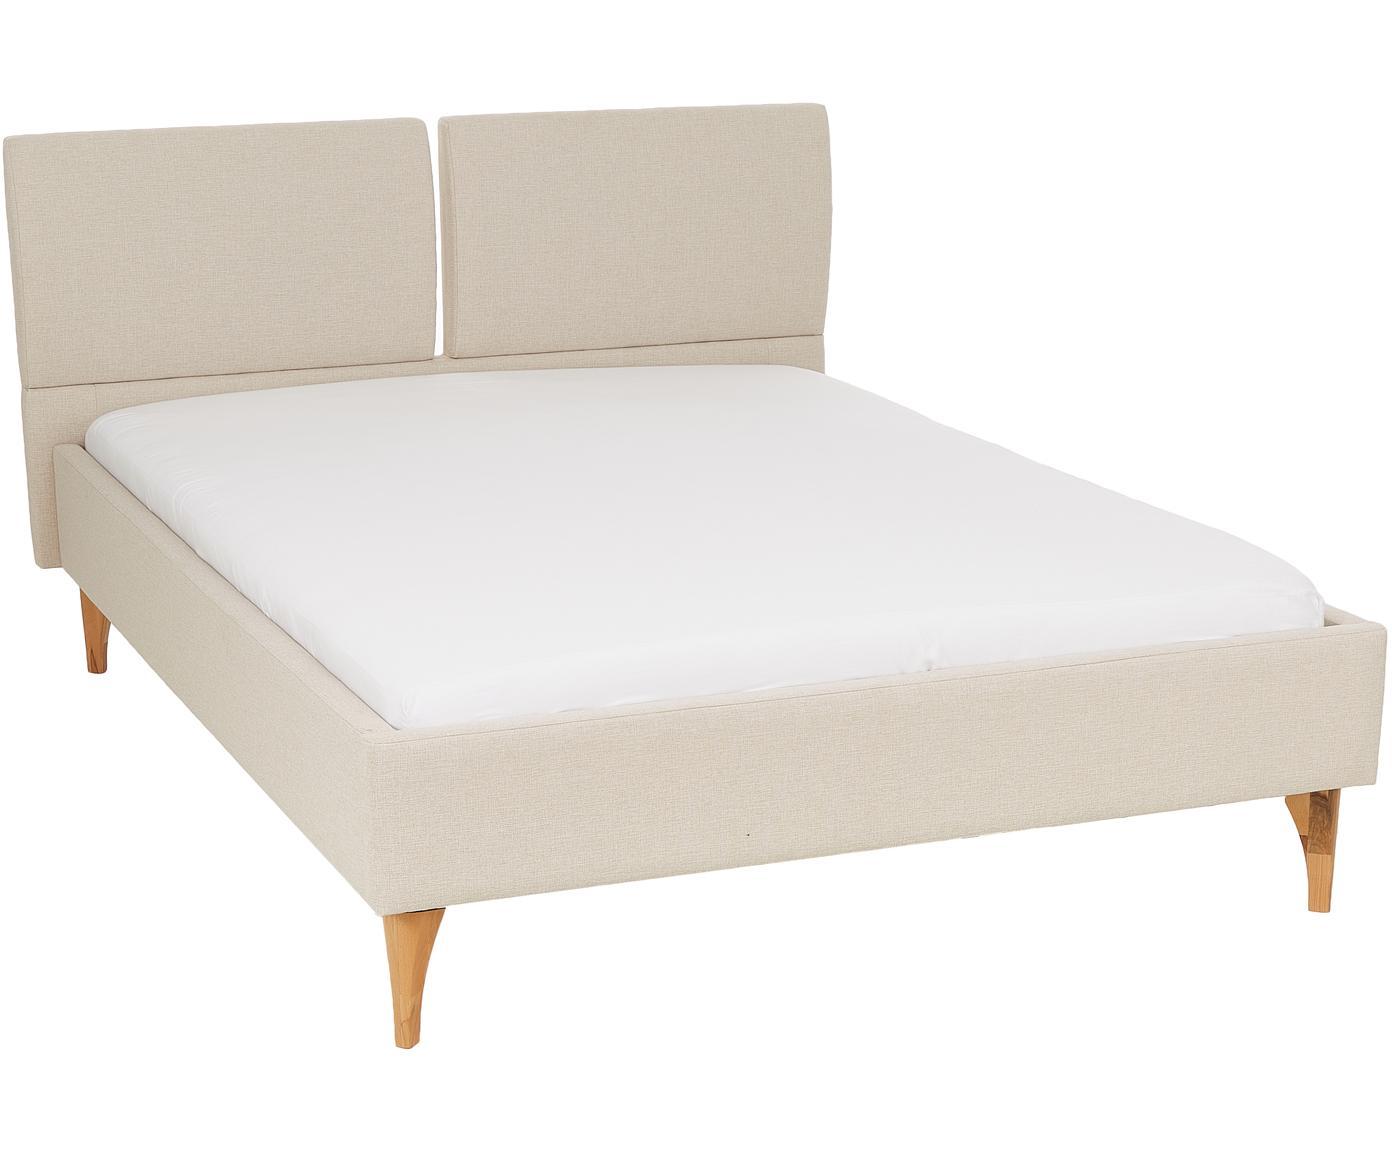 Gestoffeerd bed Tamara met hoofdeinde, Bekleding: polyester, Poten: beukenhout, geolied, Beige, beukenhoutkleurig, 140 x 200 cm